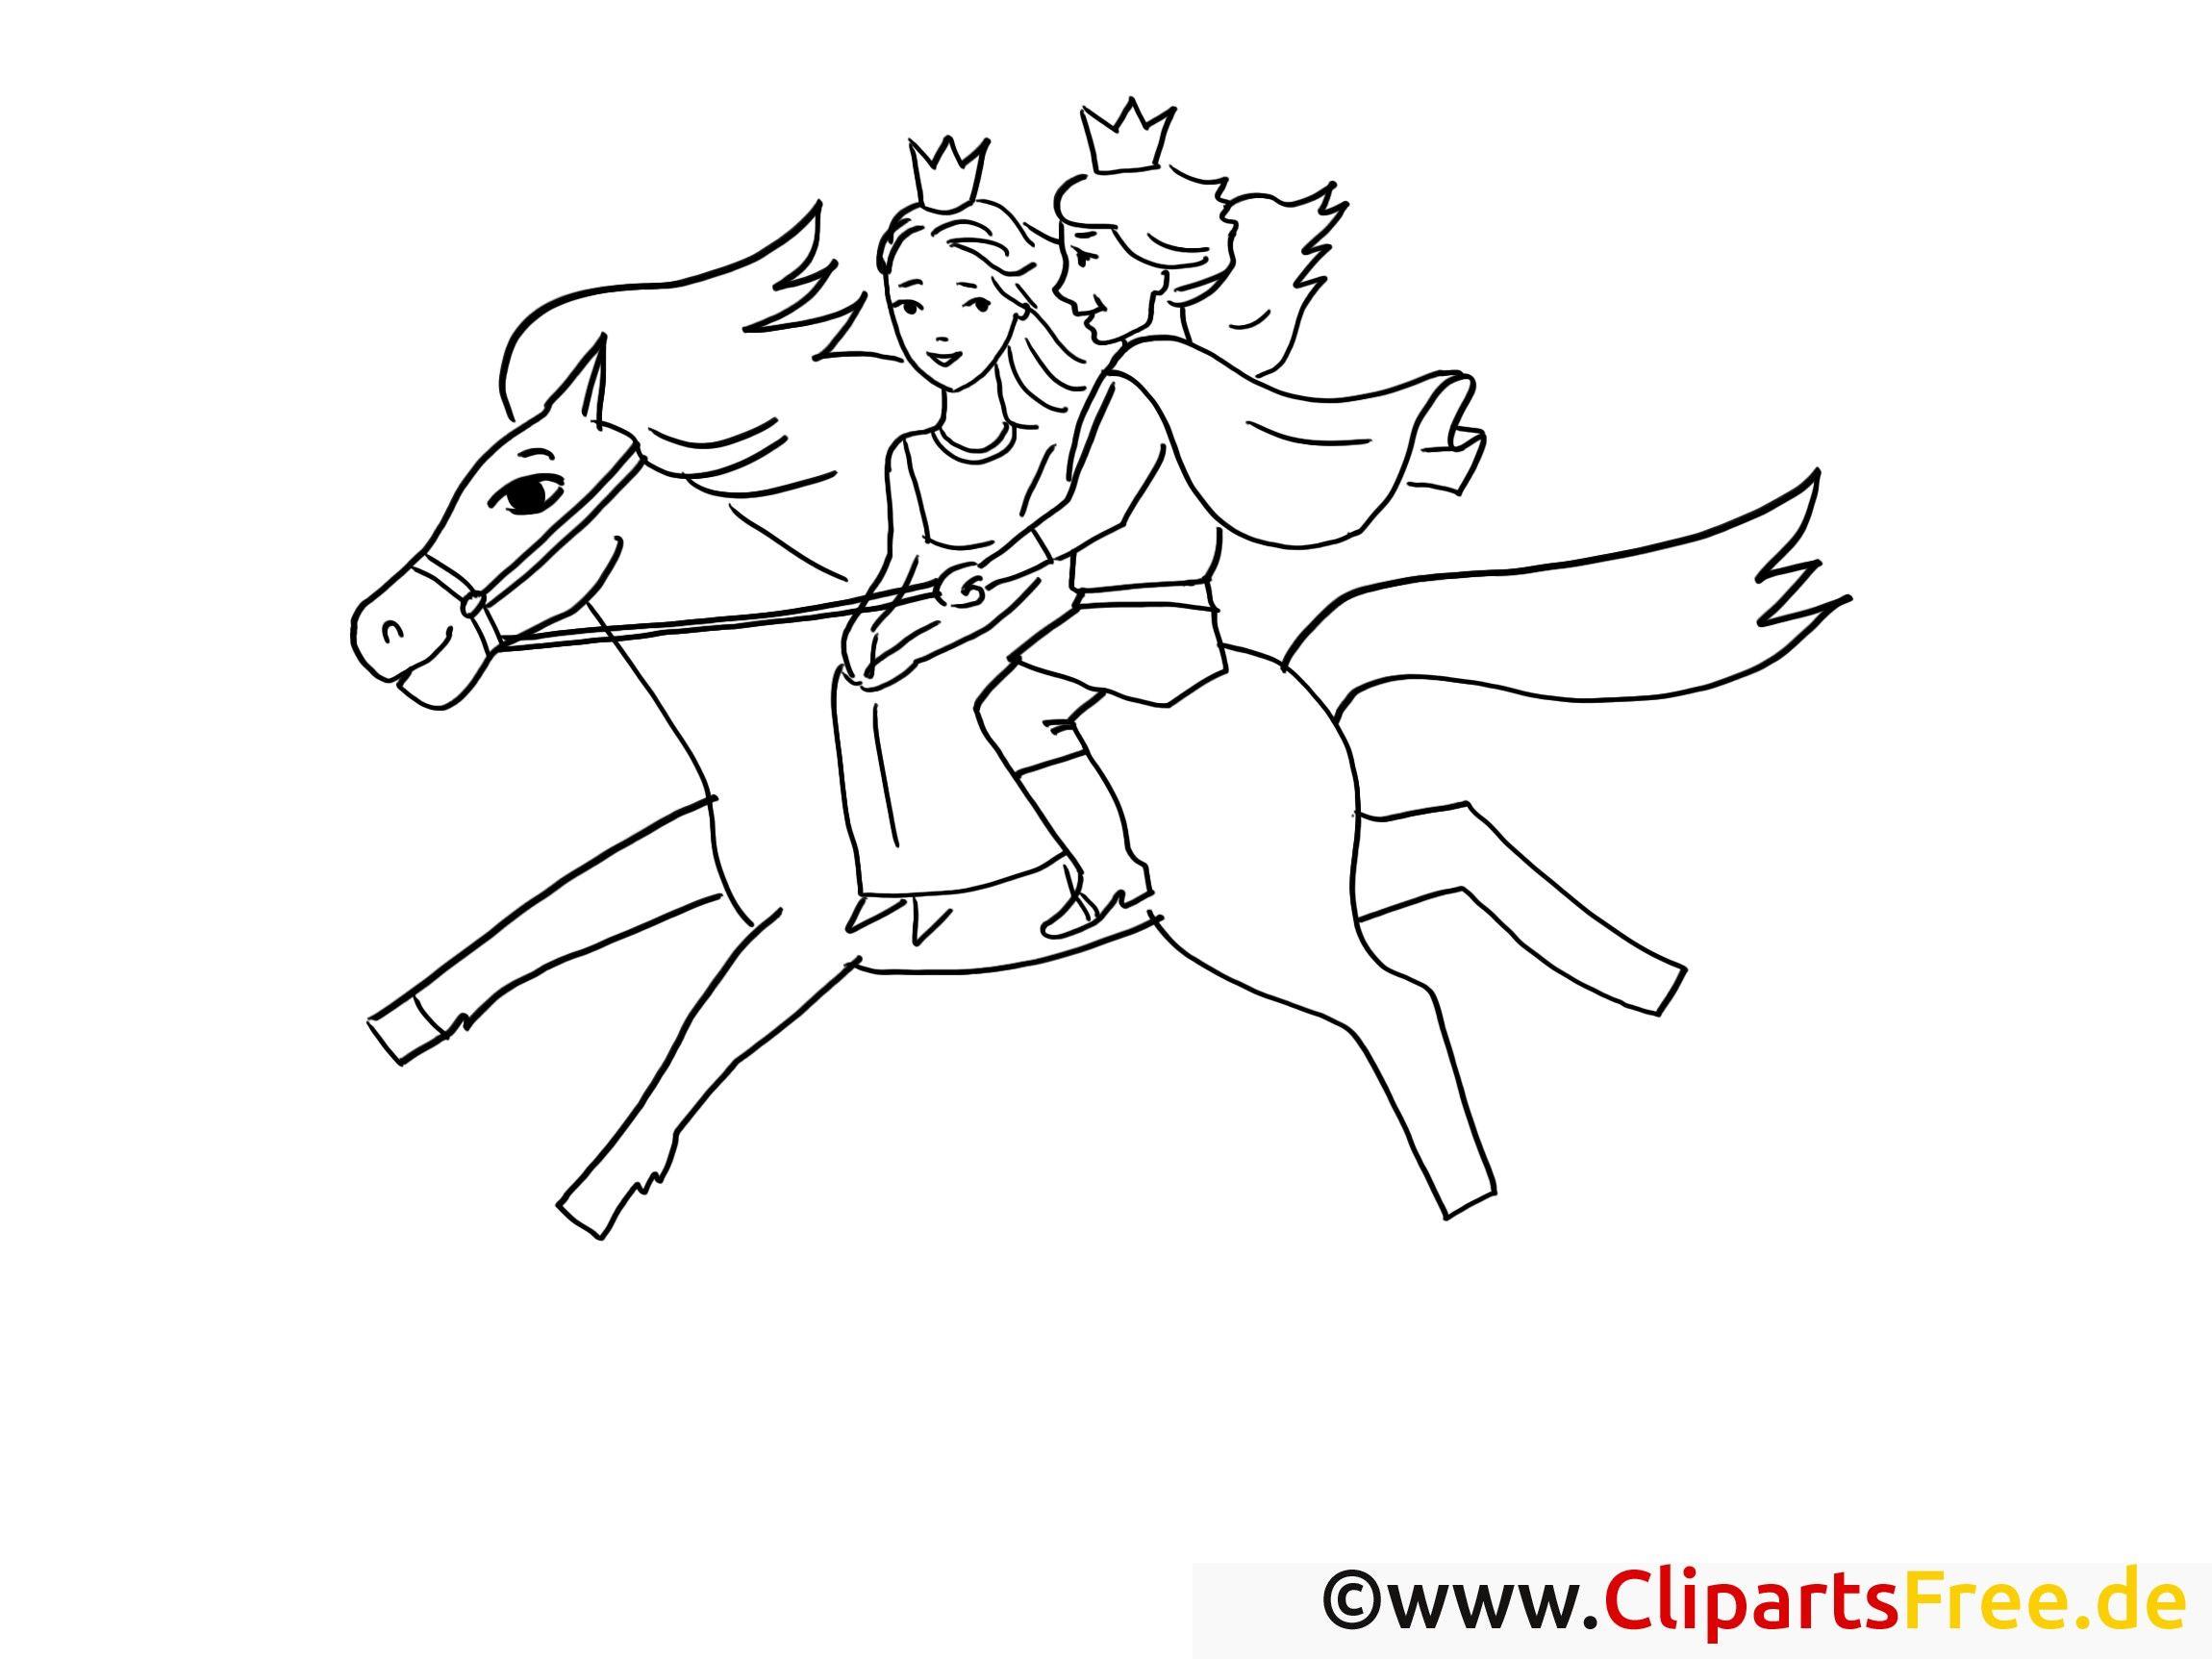 Die Besten Von Ausmalbilder Prinzessin Pferd Ideen Of Kostenlose Malvorlage Prinzessin Prinzessin Reit Ausmalbilder Ausmalbilder Pferde Zum Ausdrucken Ausmalen